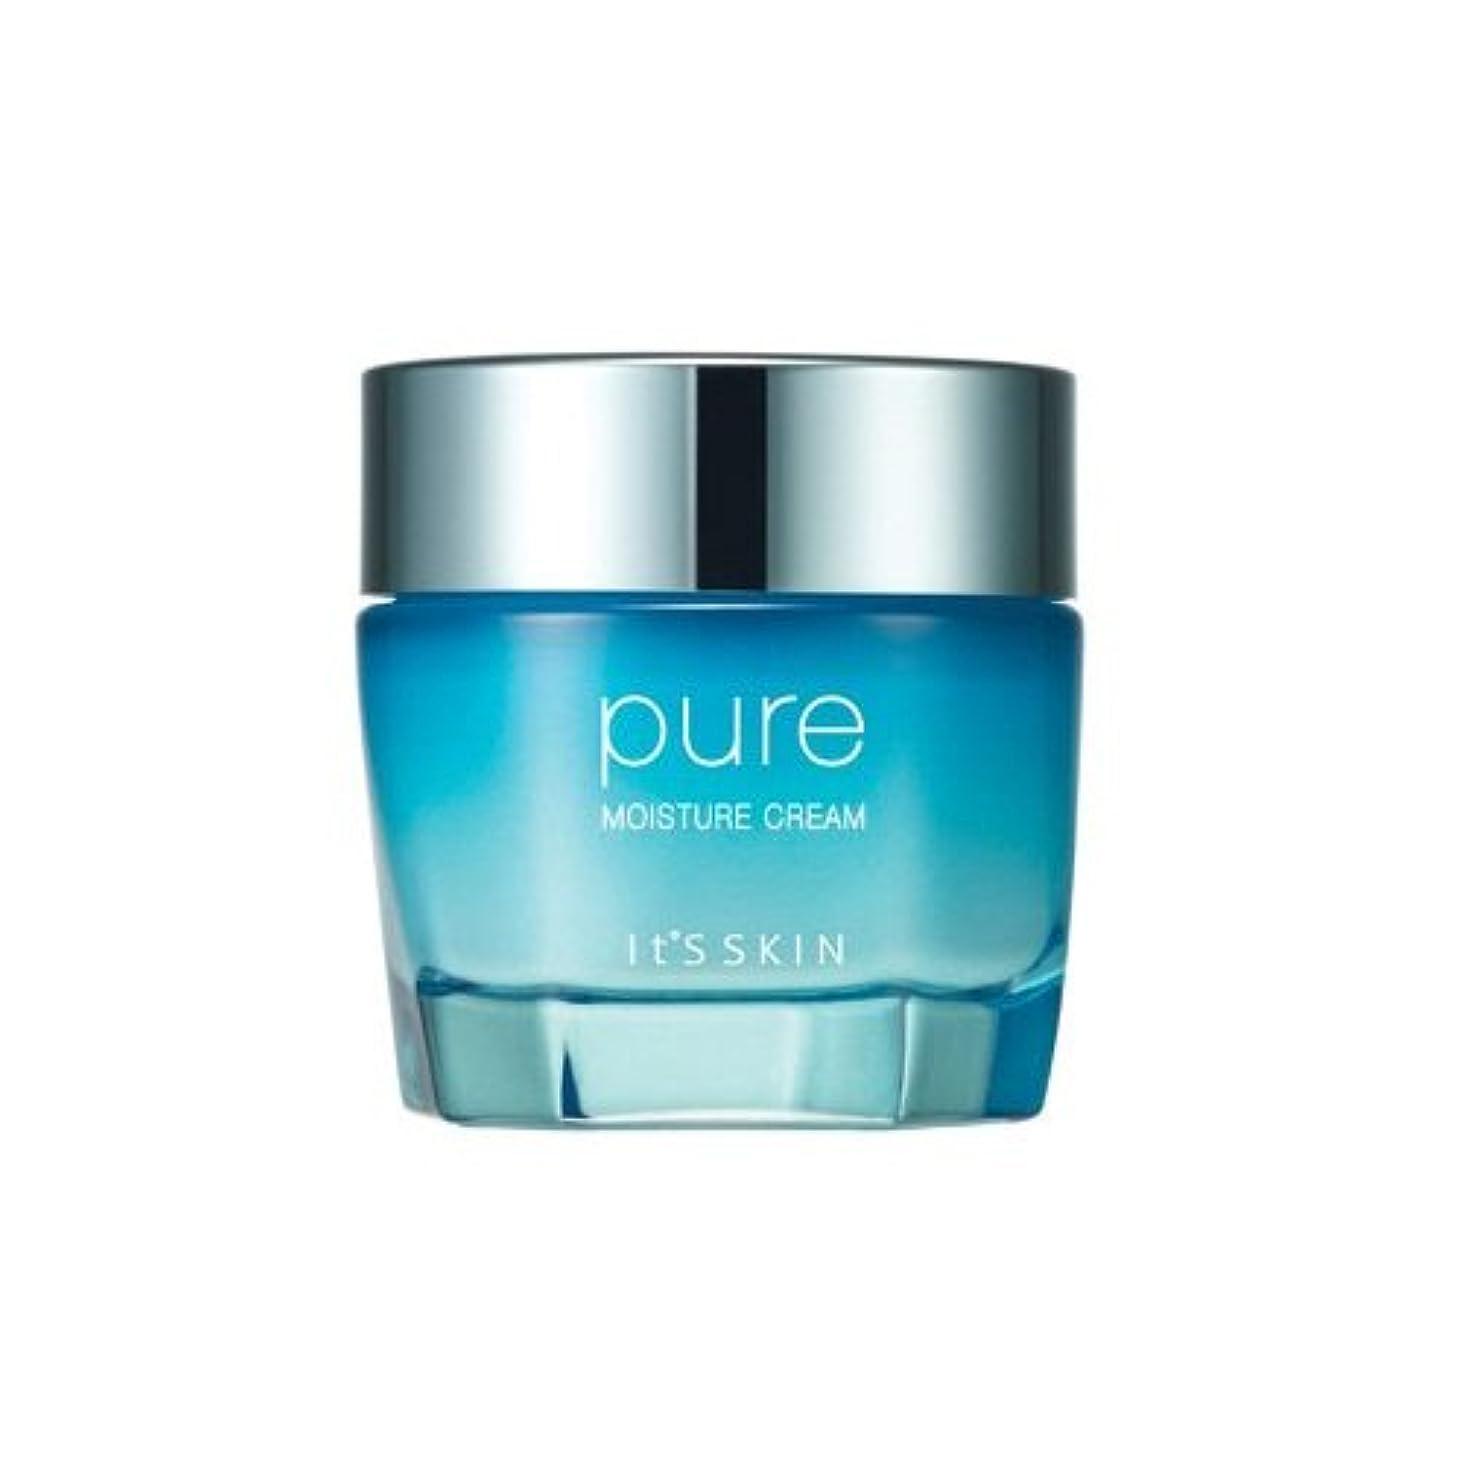 論理的引用奨励Its skin Pure Moisture Cream ッツスキンピュア水分クリーム 100ml [並行輸入品]